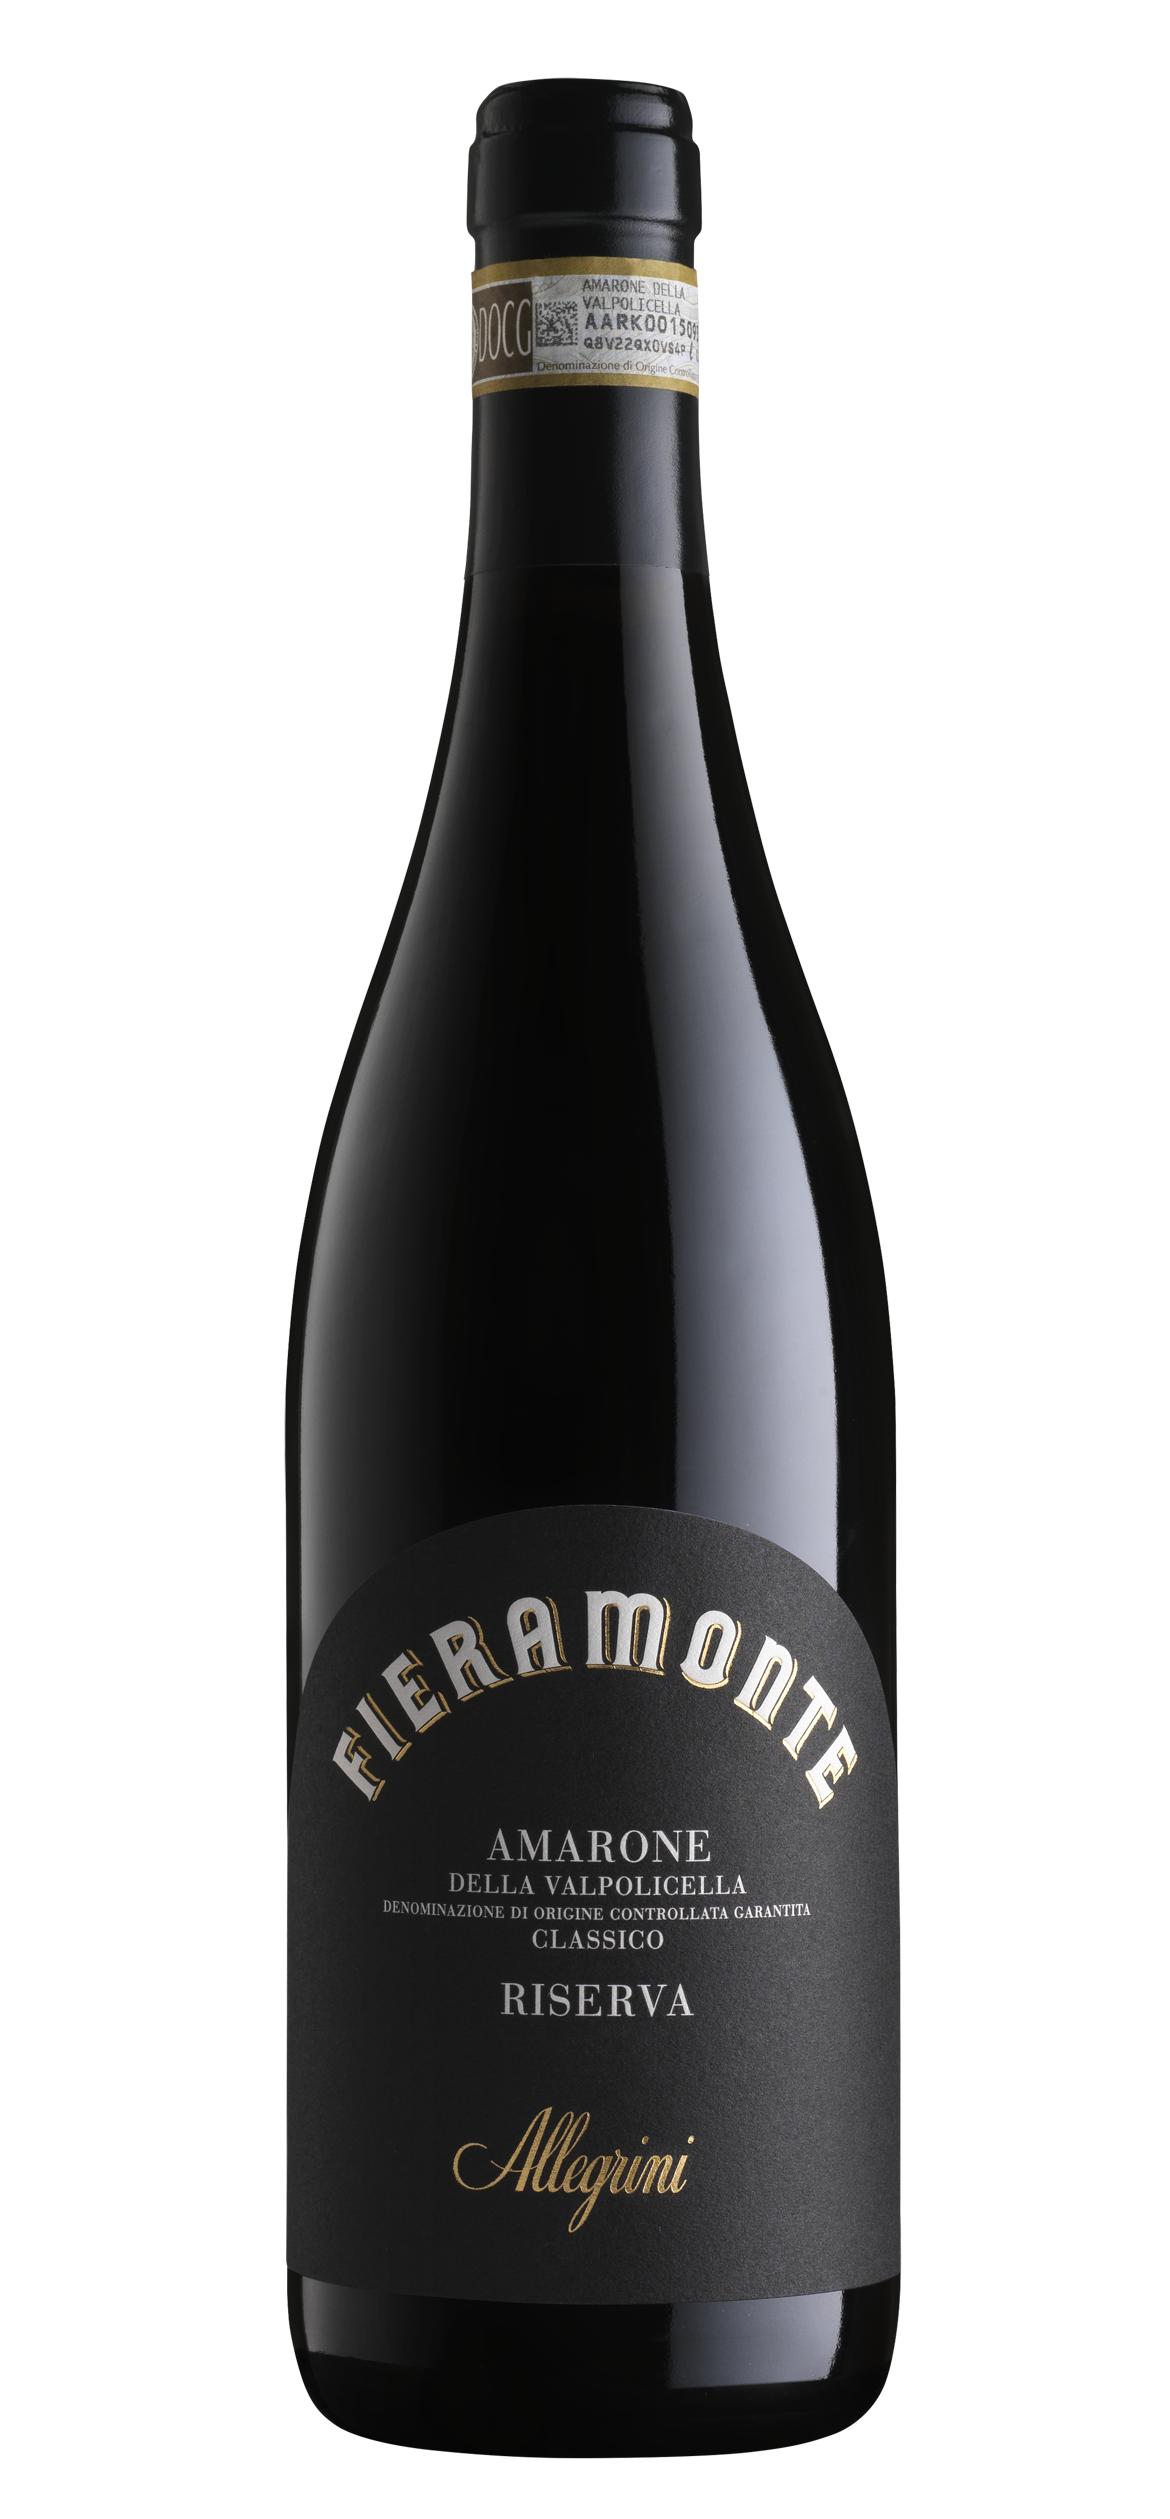 Allegrini, 'Fieramonte' Amarone della Valpolicella Classico Riserva 2011